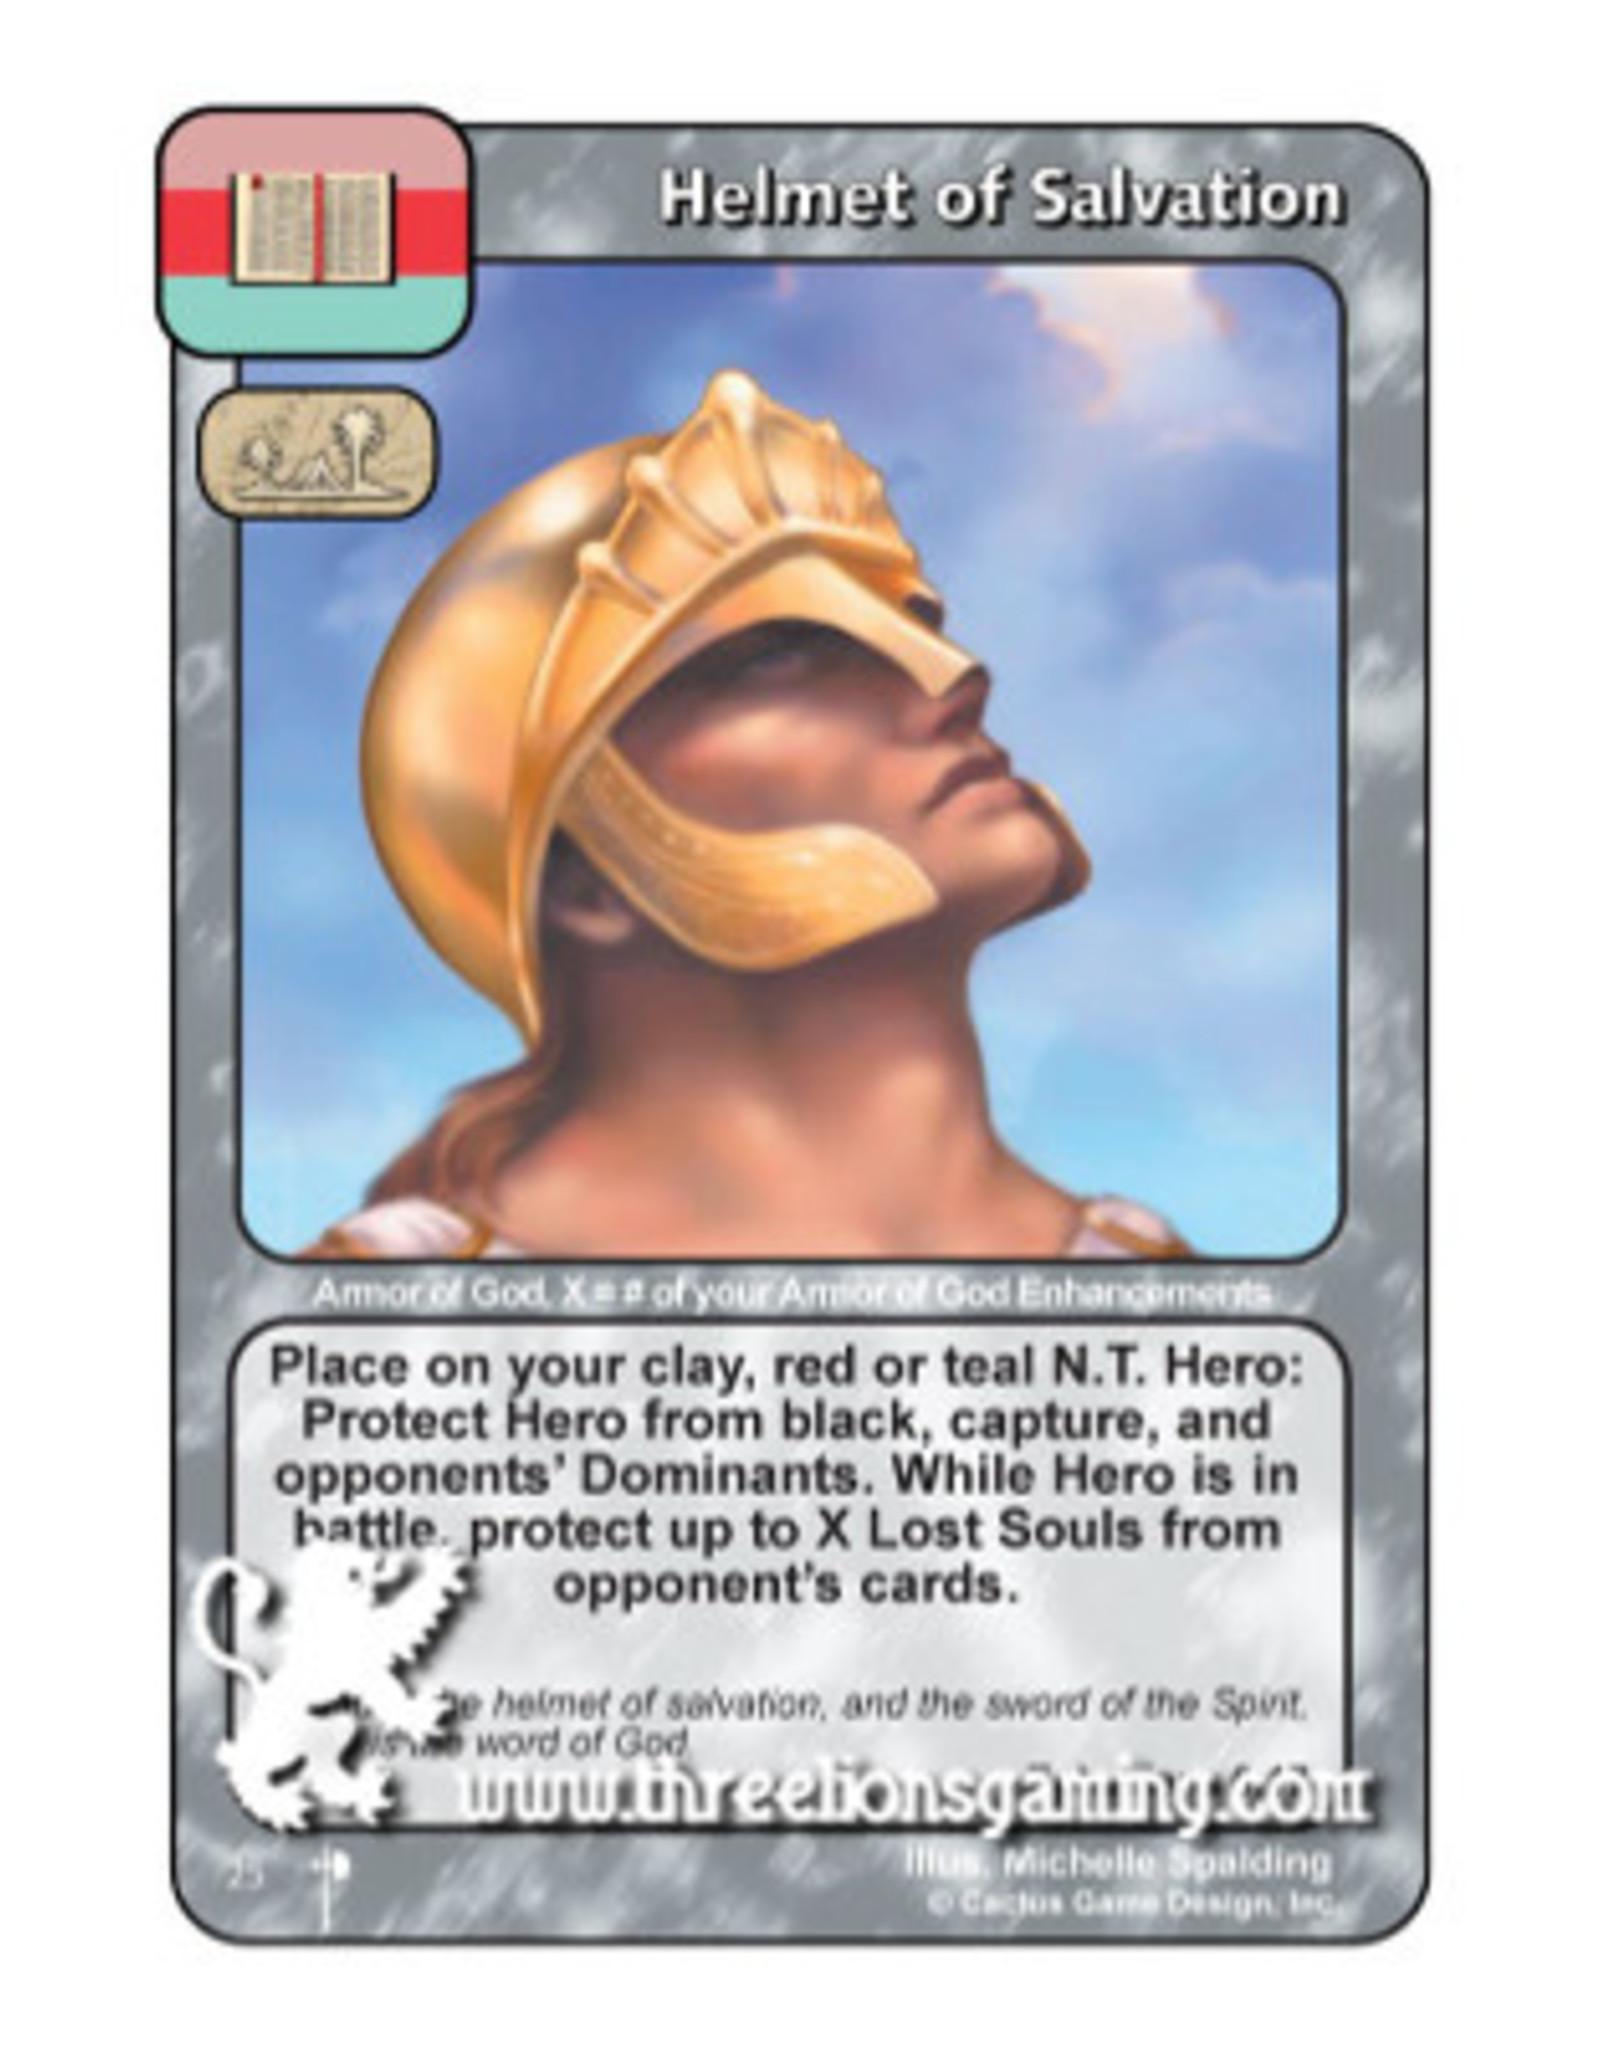 PC: Helmet of Salvation